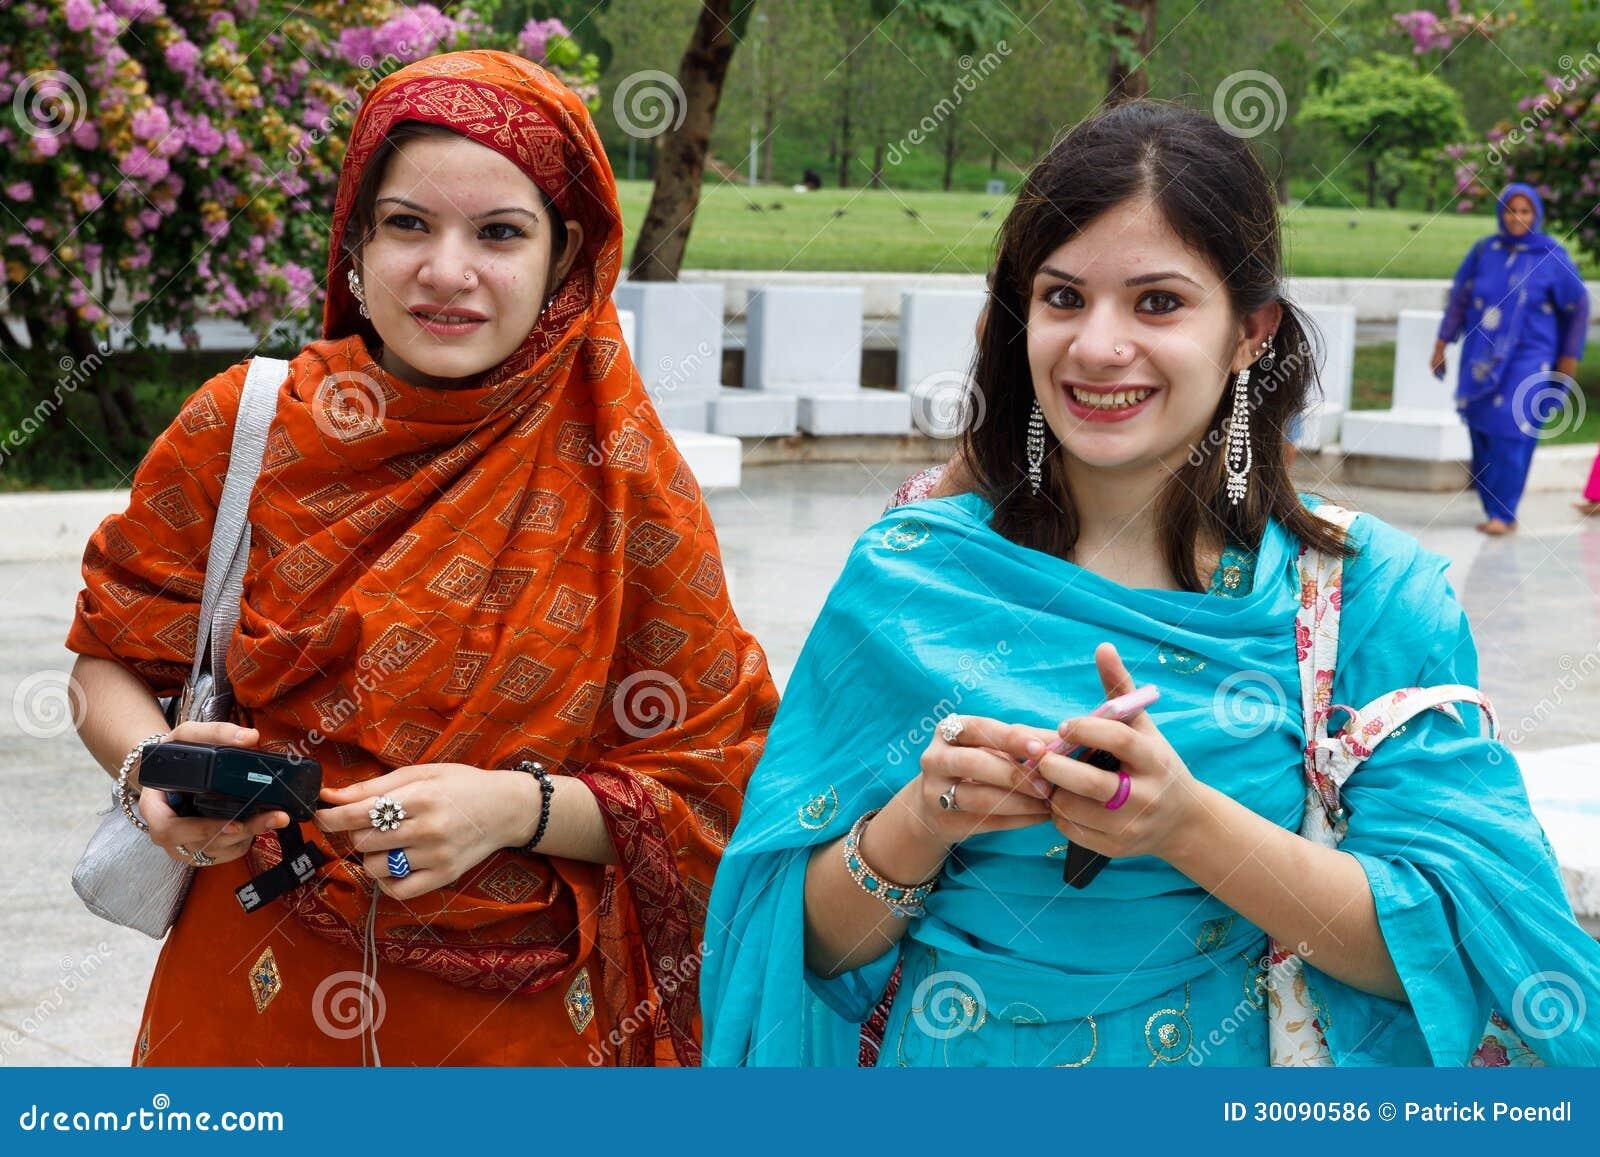 madchen pakistanischer frauen